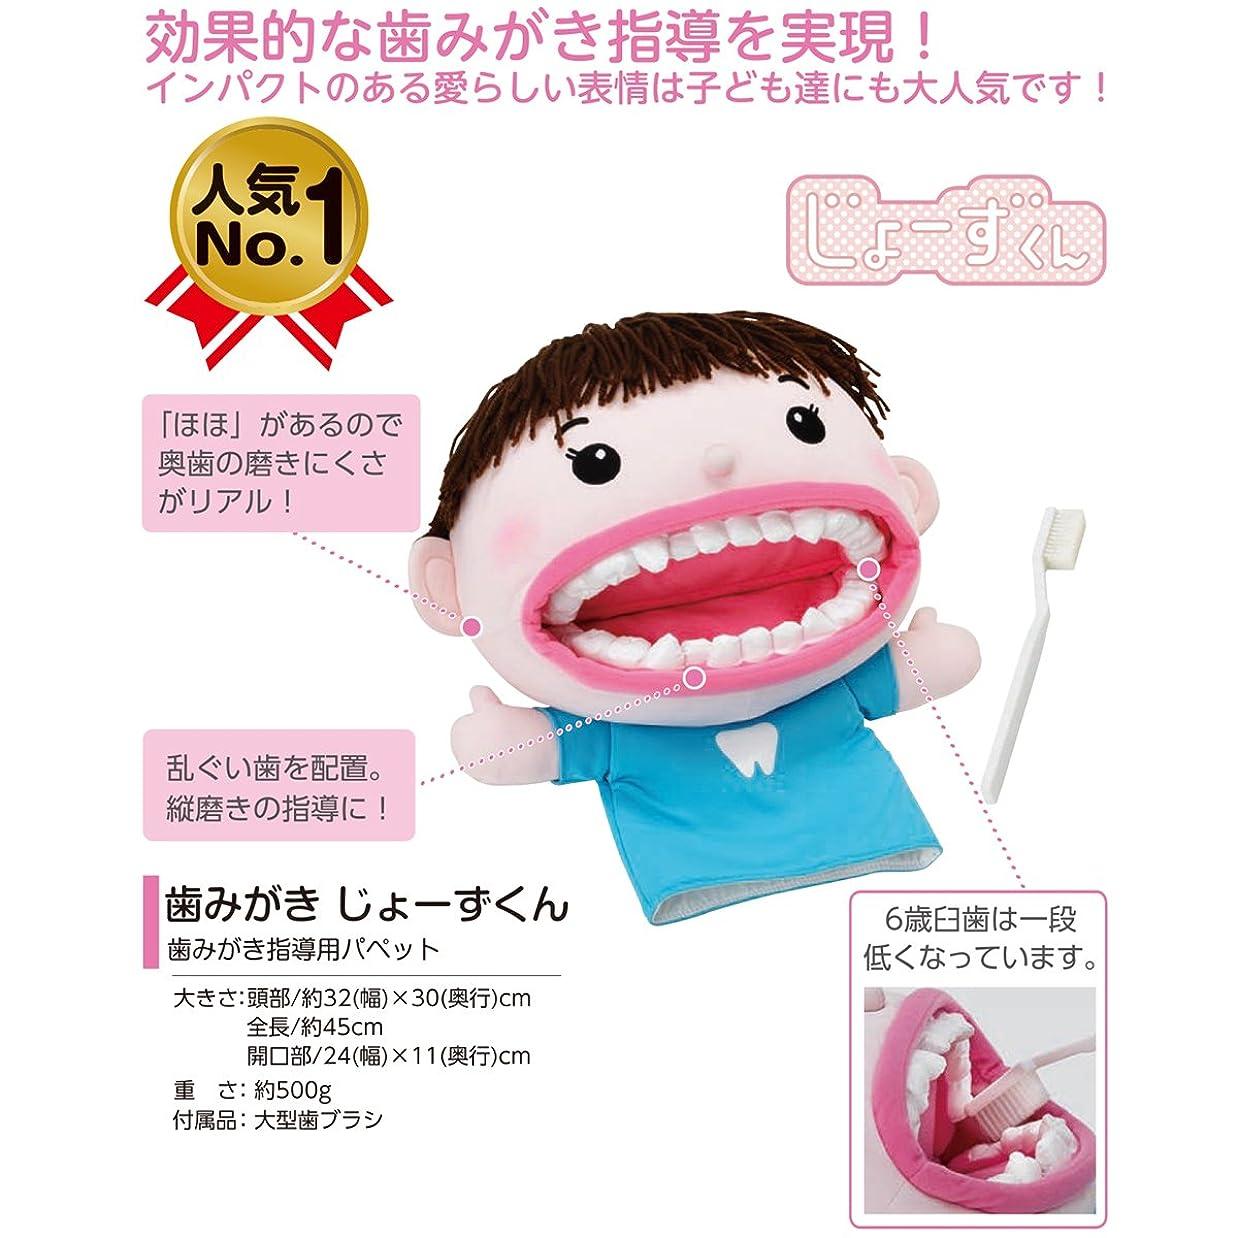 弁護士不名誉結果として歯みがき じょーずくん 歯磨き 指導用 教育用 パペット 人形 ぬいぐるみ